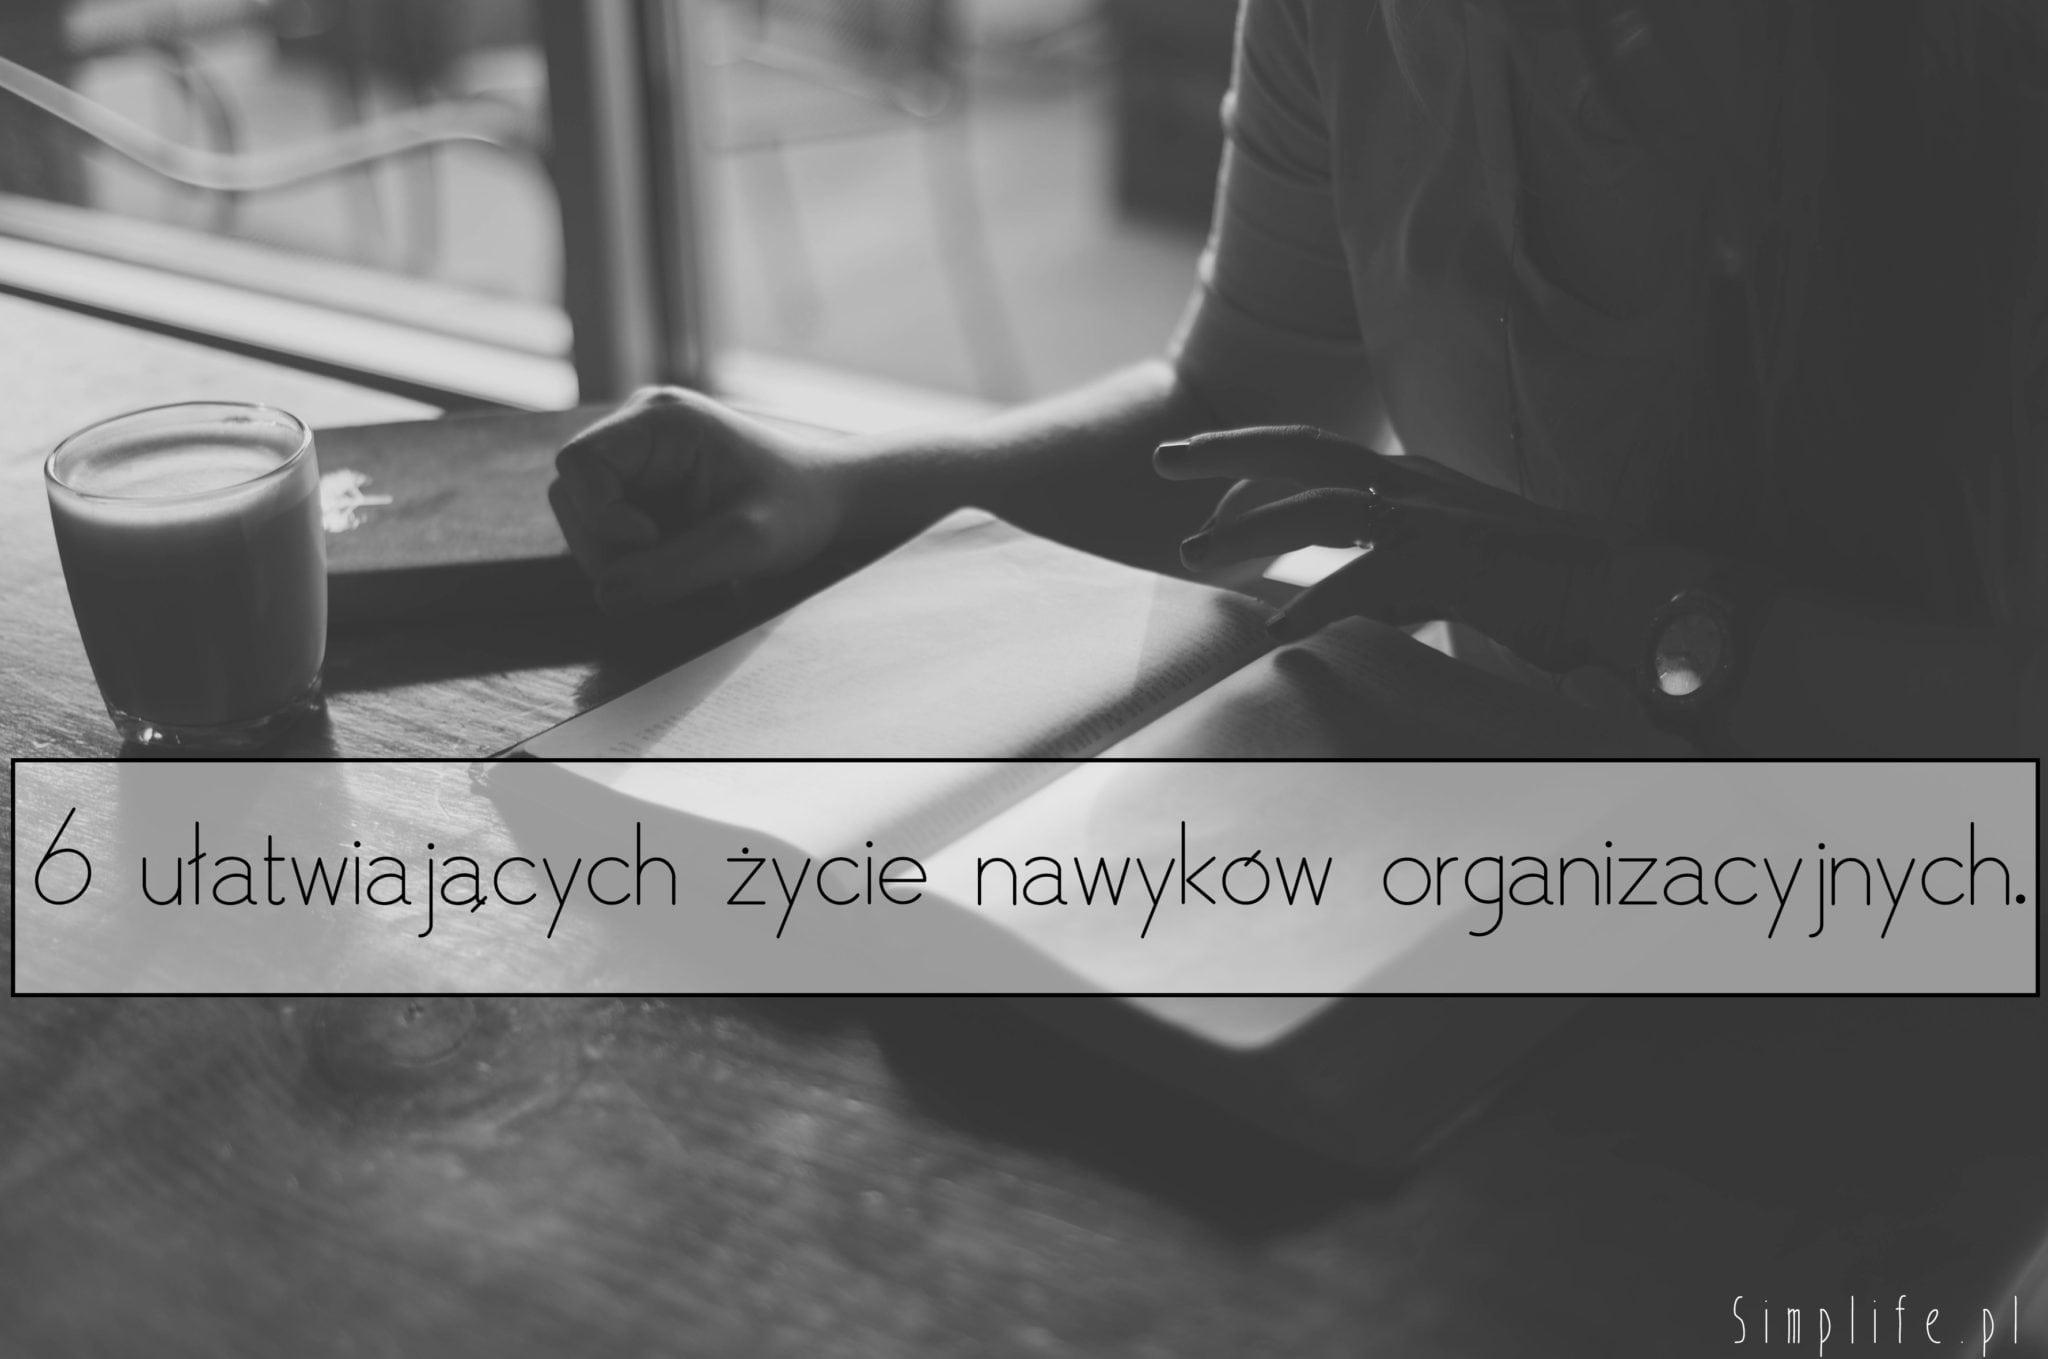 nawyki organizacyjne